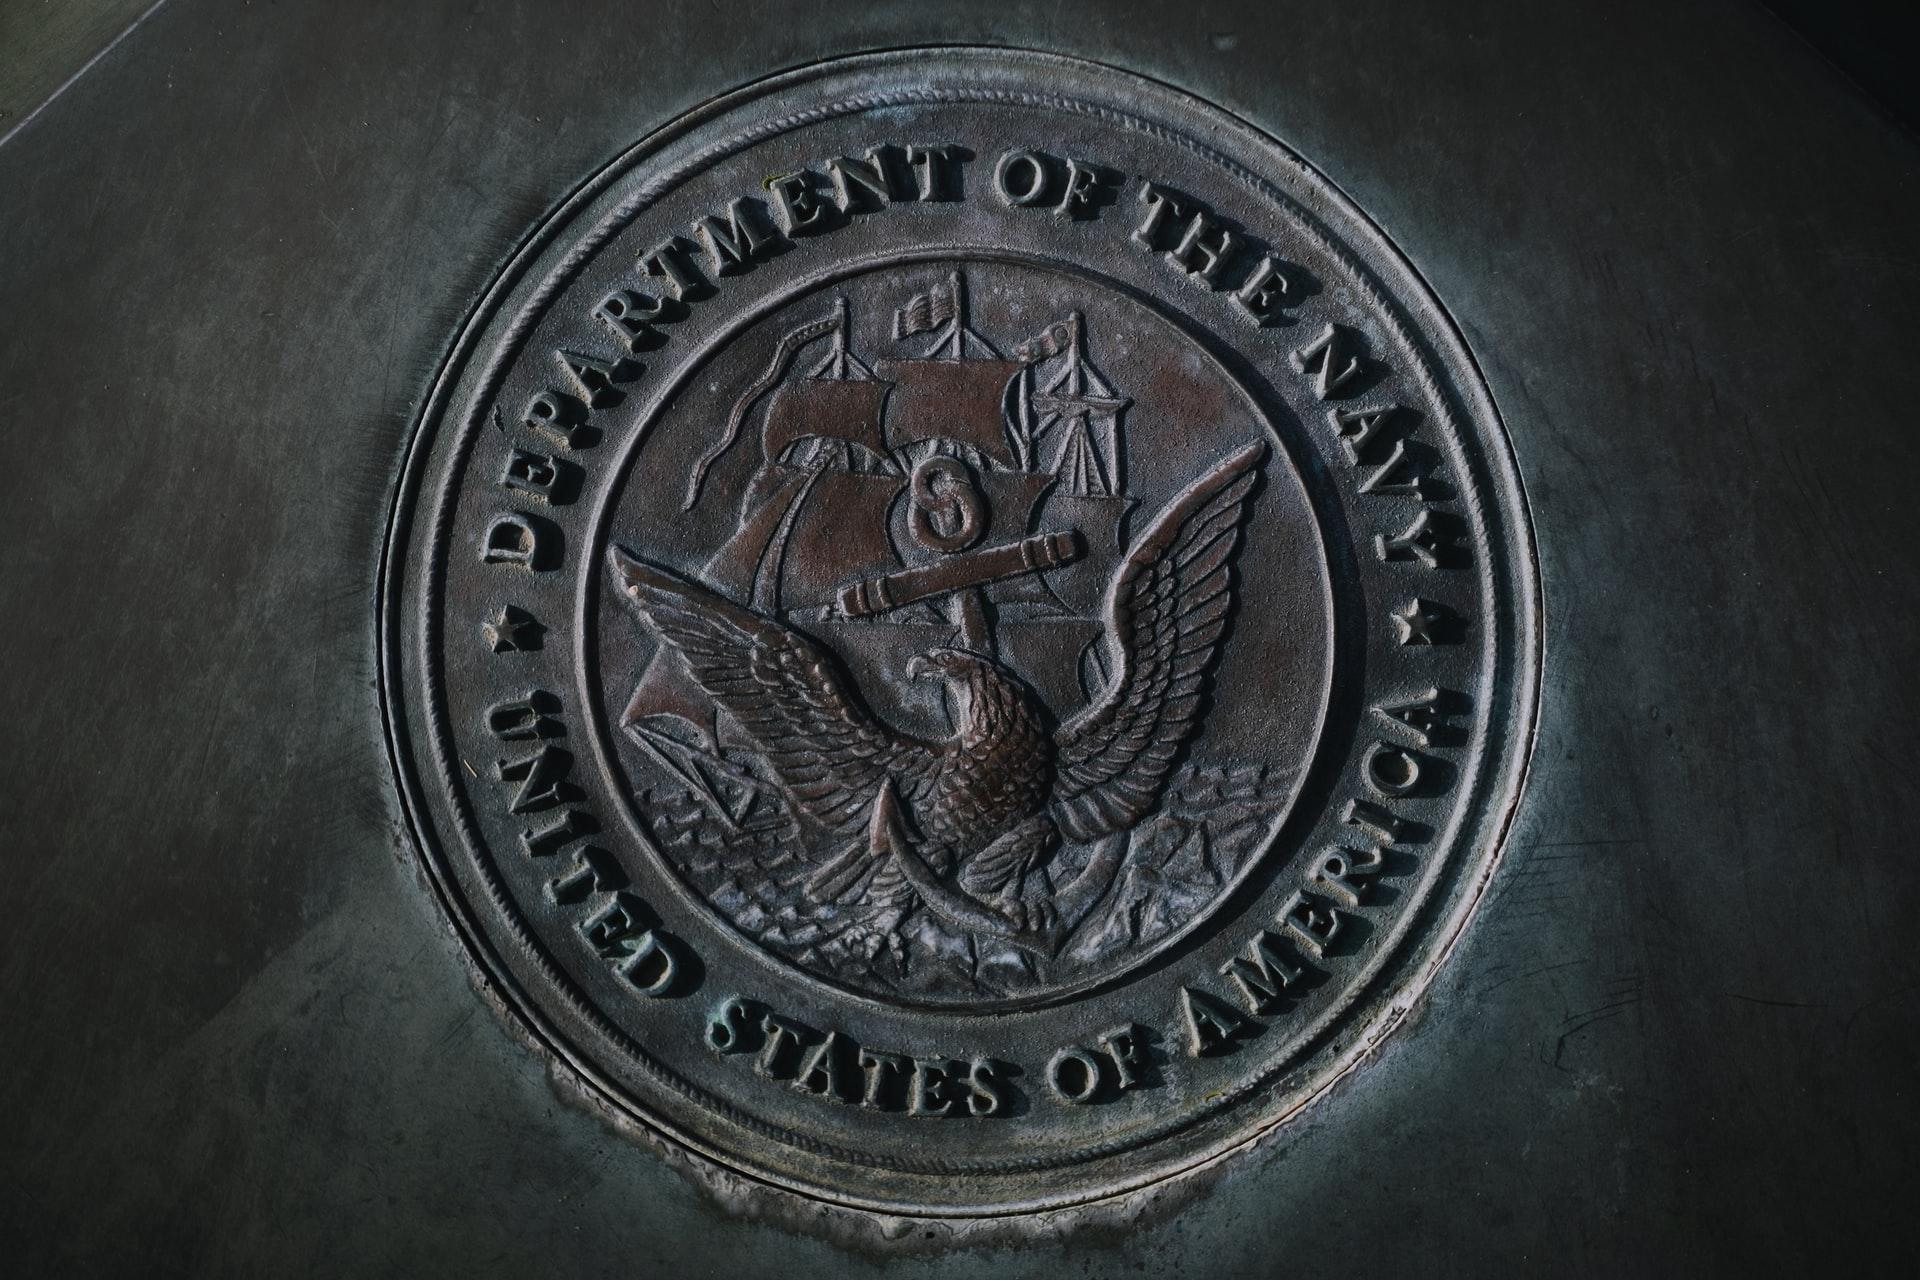 Seal of the Navy, at Wesley Bolin Memorial Plaza.